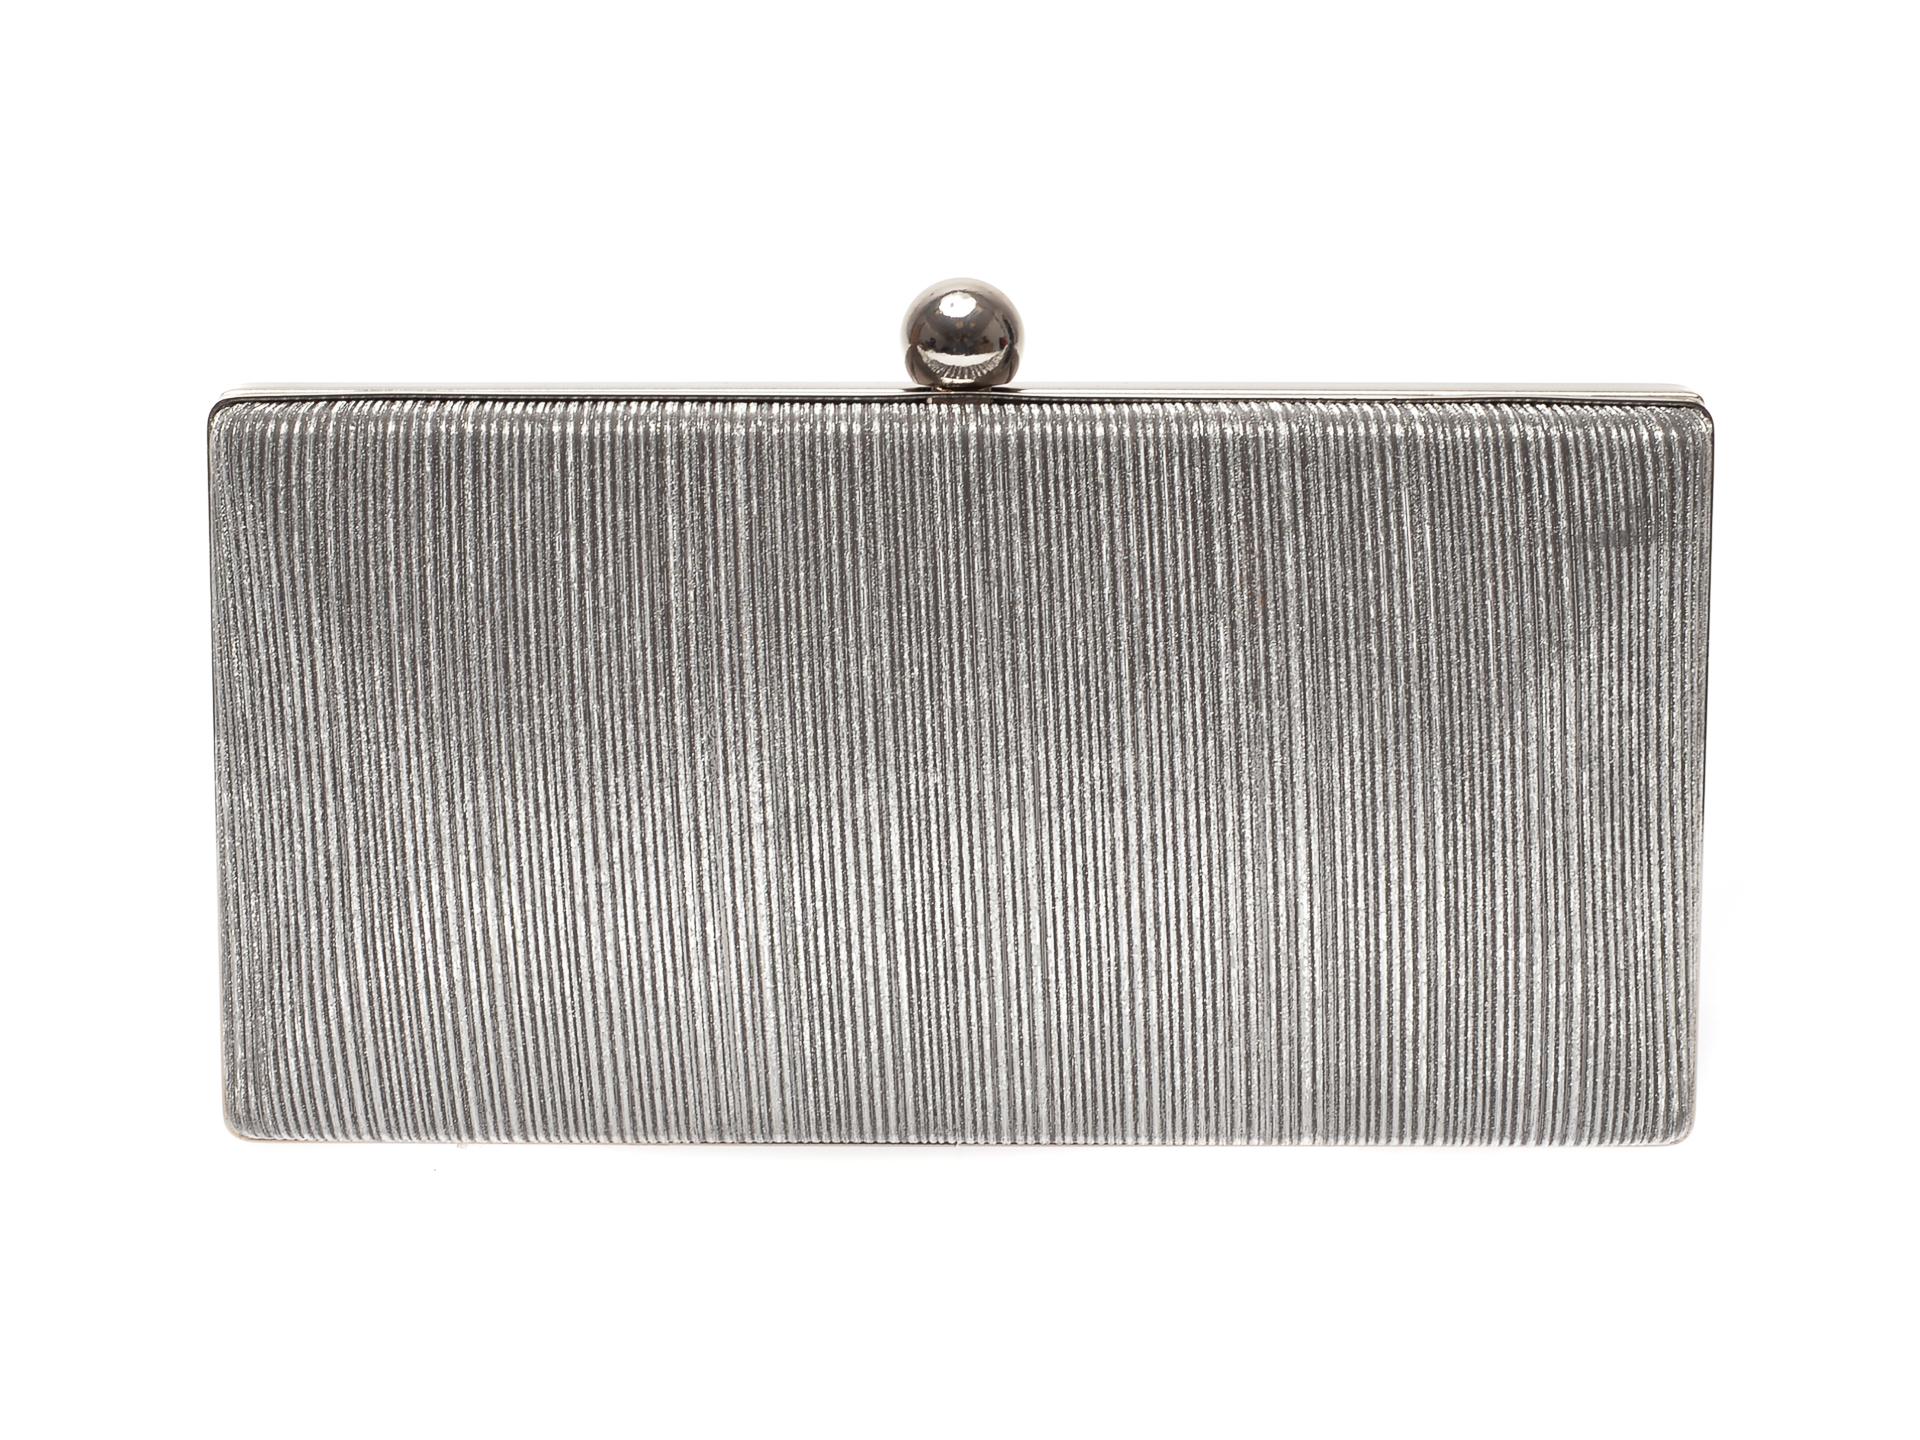 Poseta plic MENBUR argintie, 84759, din material textil imagine